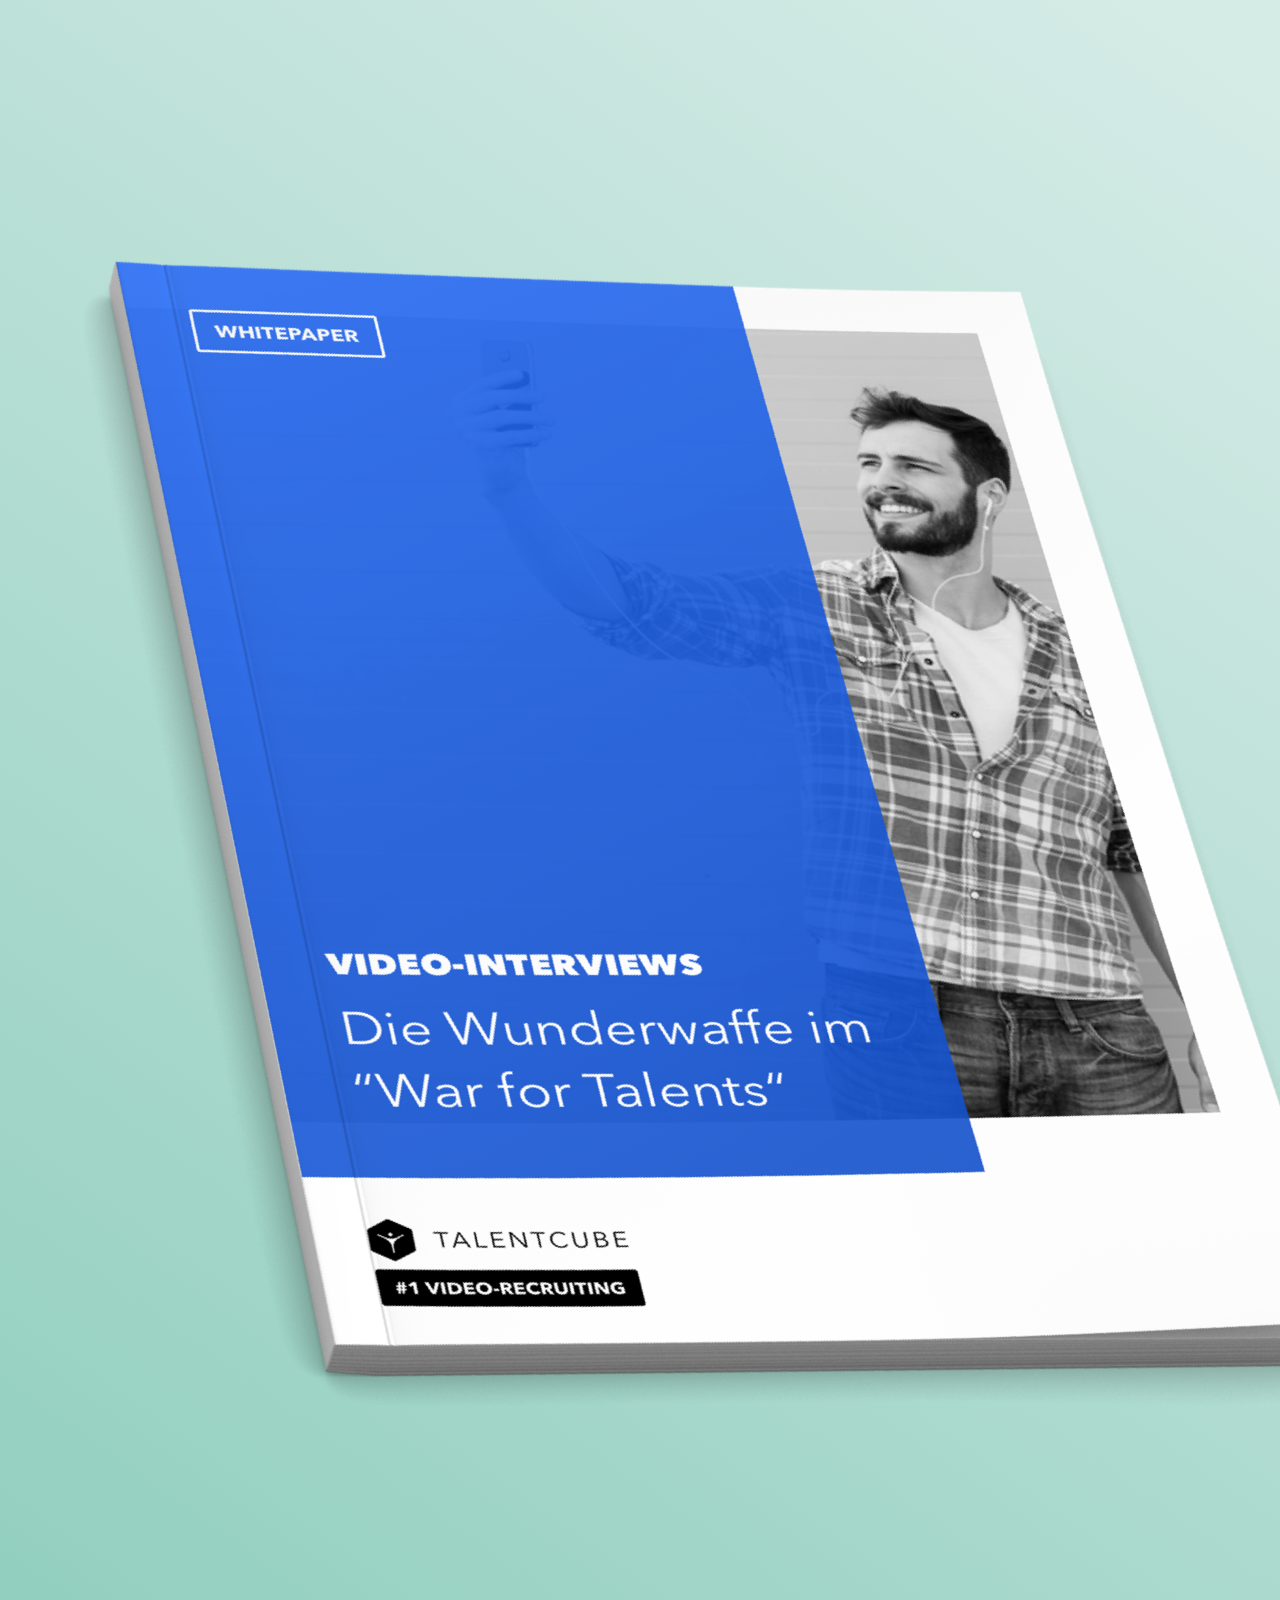 """Whitepaper: Video-Interviews – Die Wunderwaffe im """"War for Talents"""""""